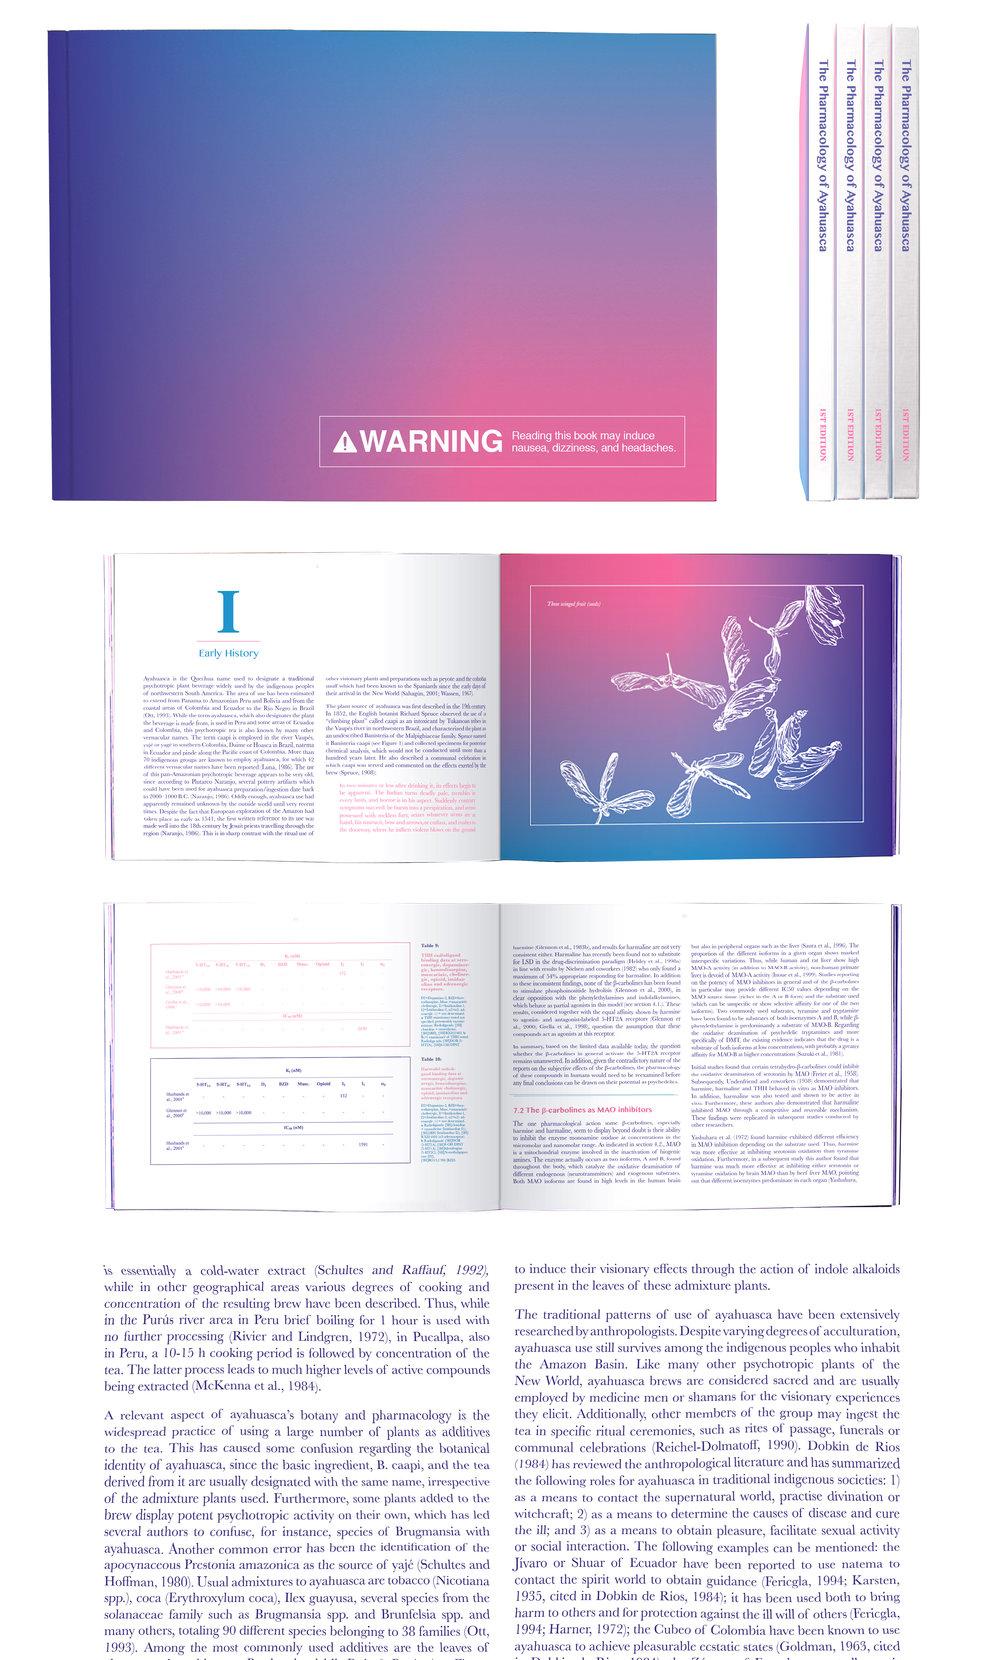 ayahuasca_book_forwebsite.jpg